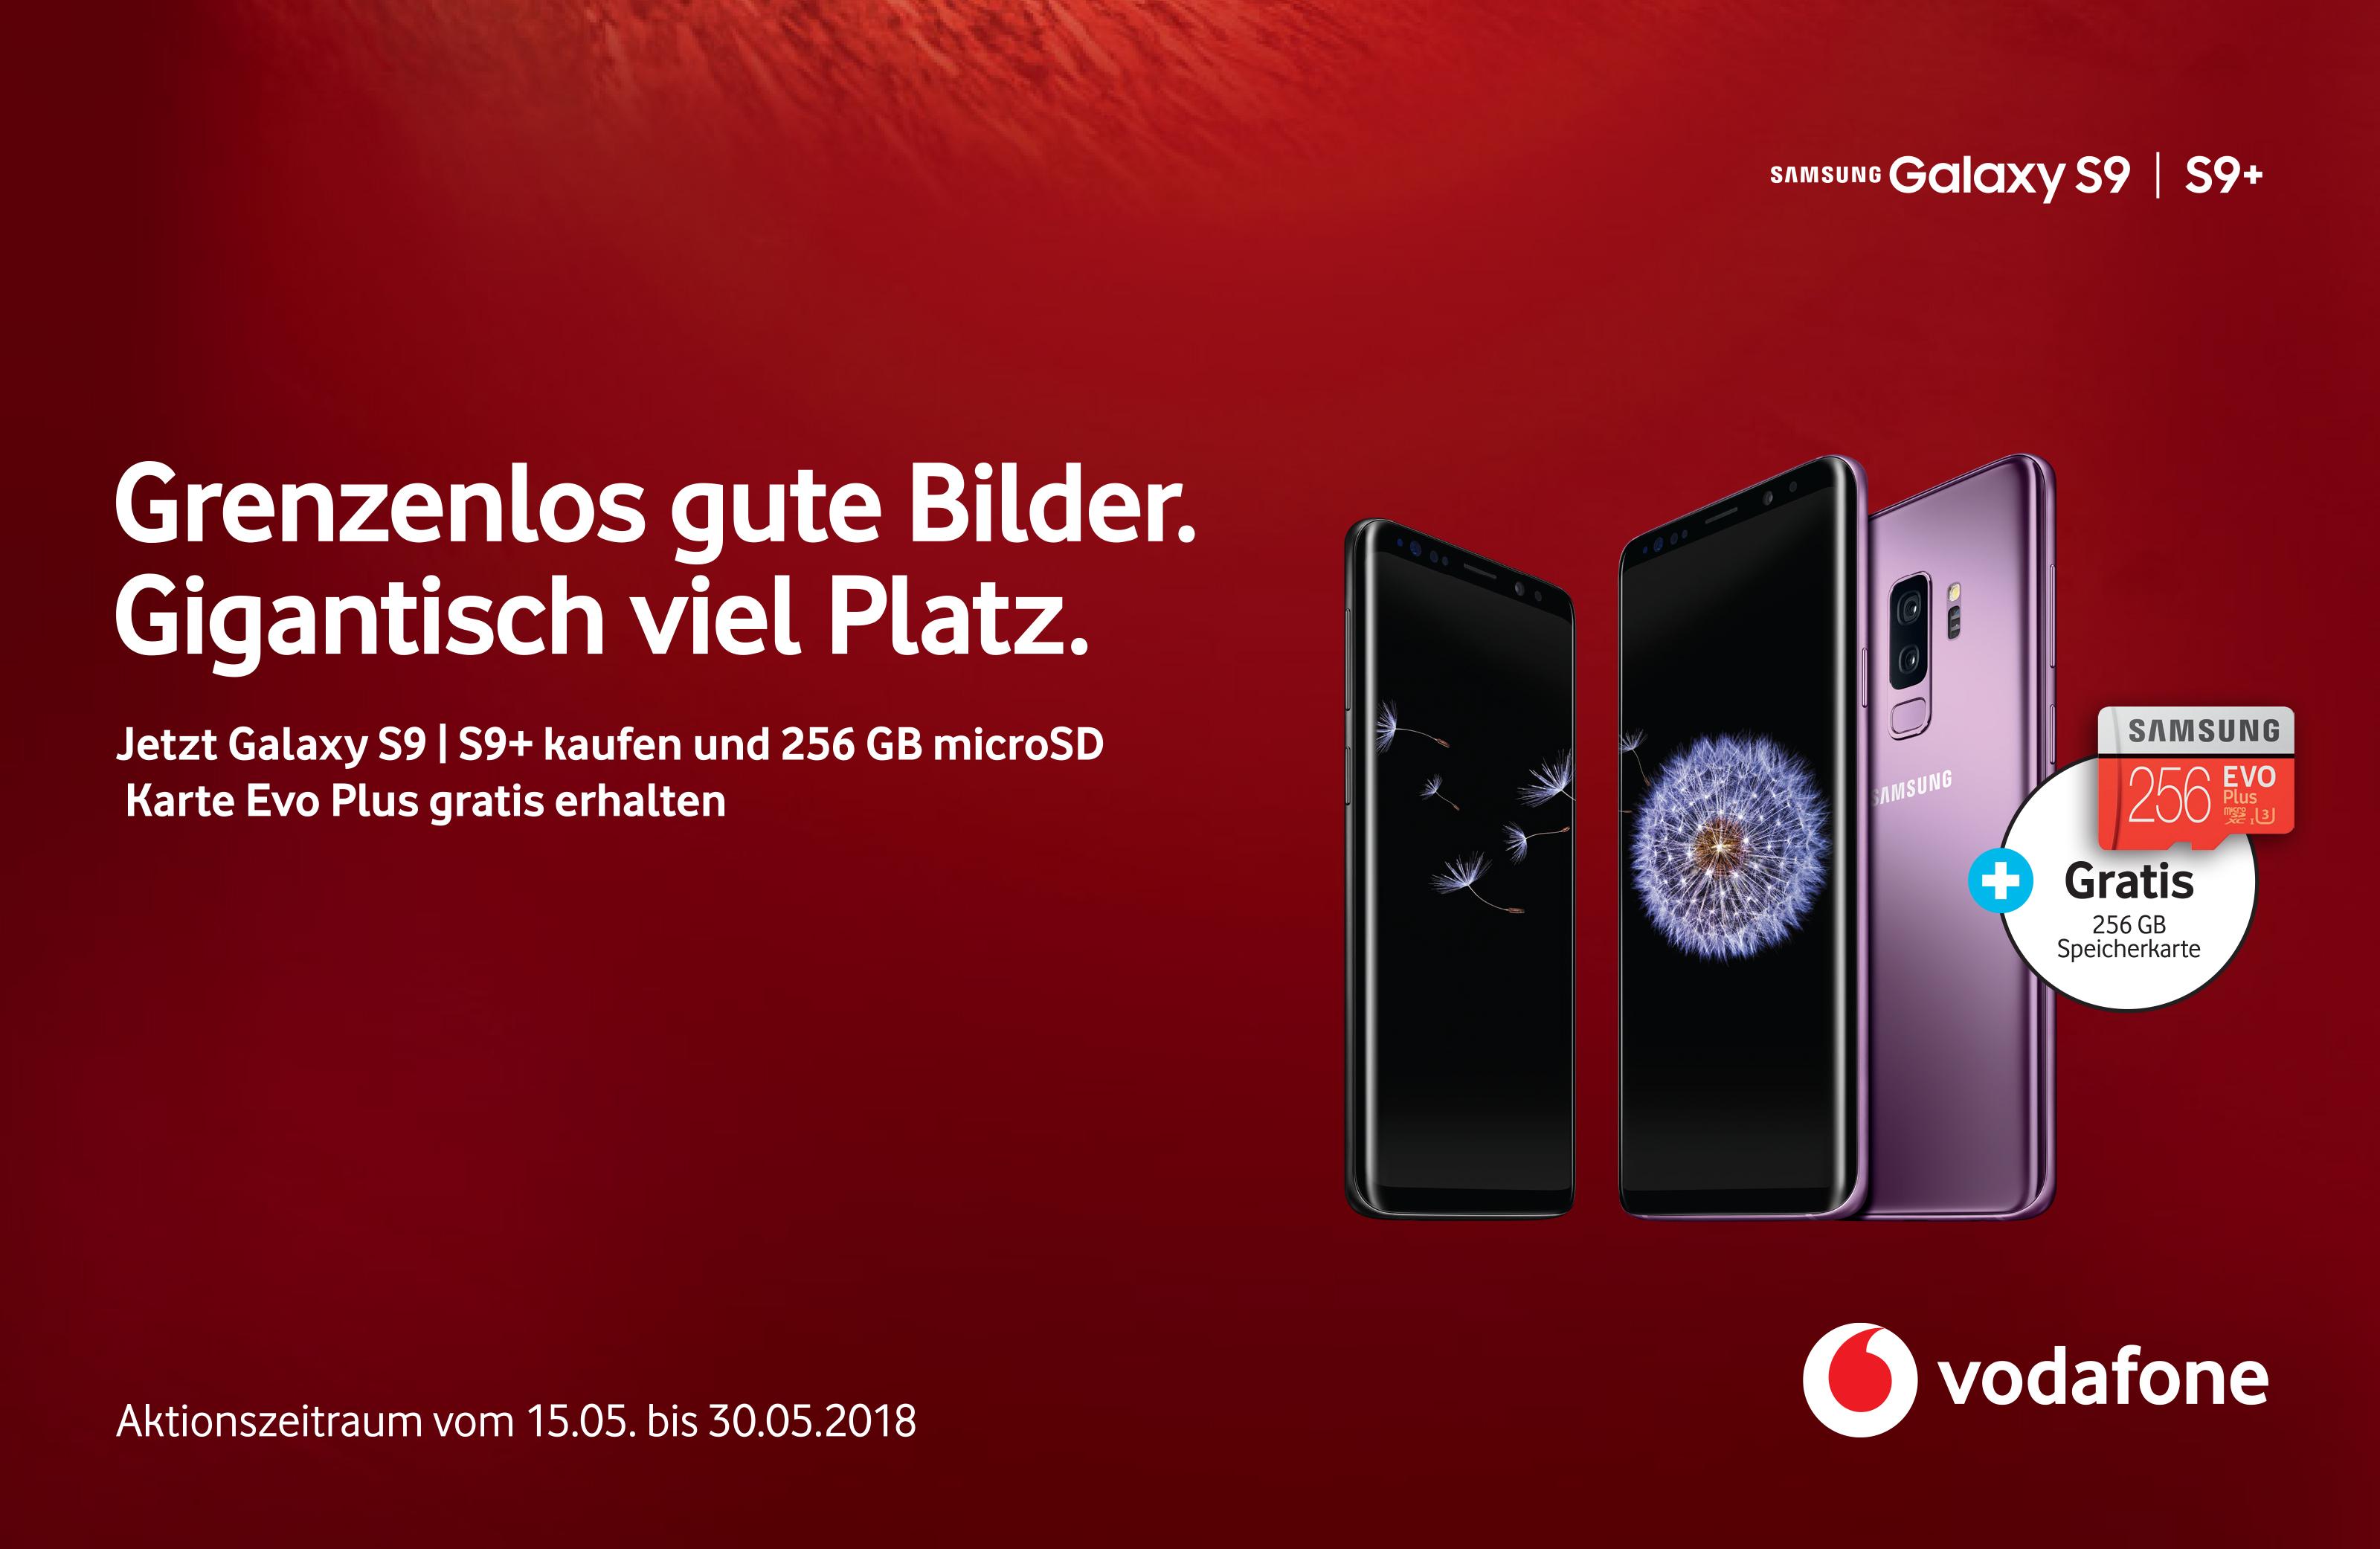 VODAFONE Samsung Galaxy S9 od. S9+  kaufen / Vertrag und gratis 256GB SD Karte dazu